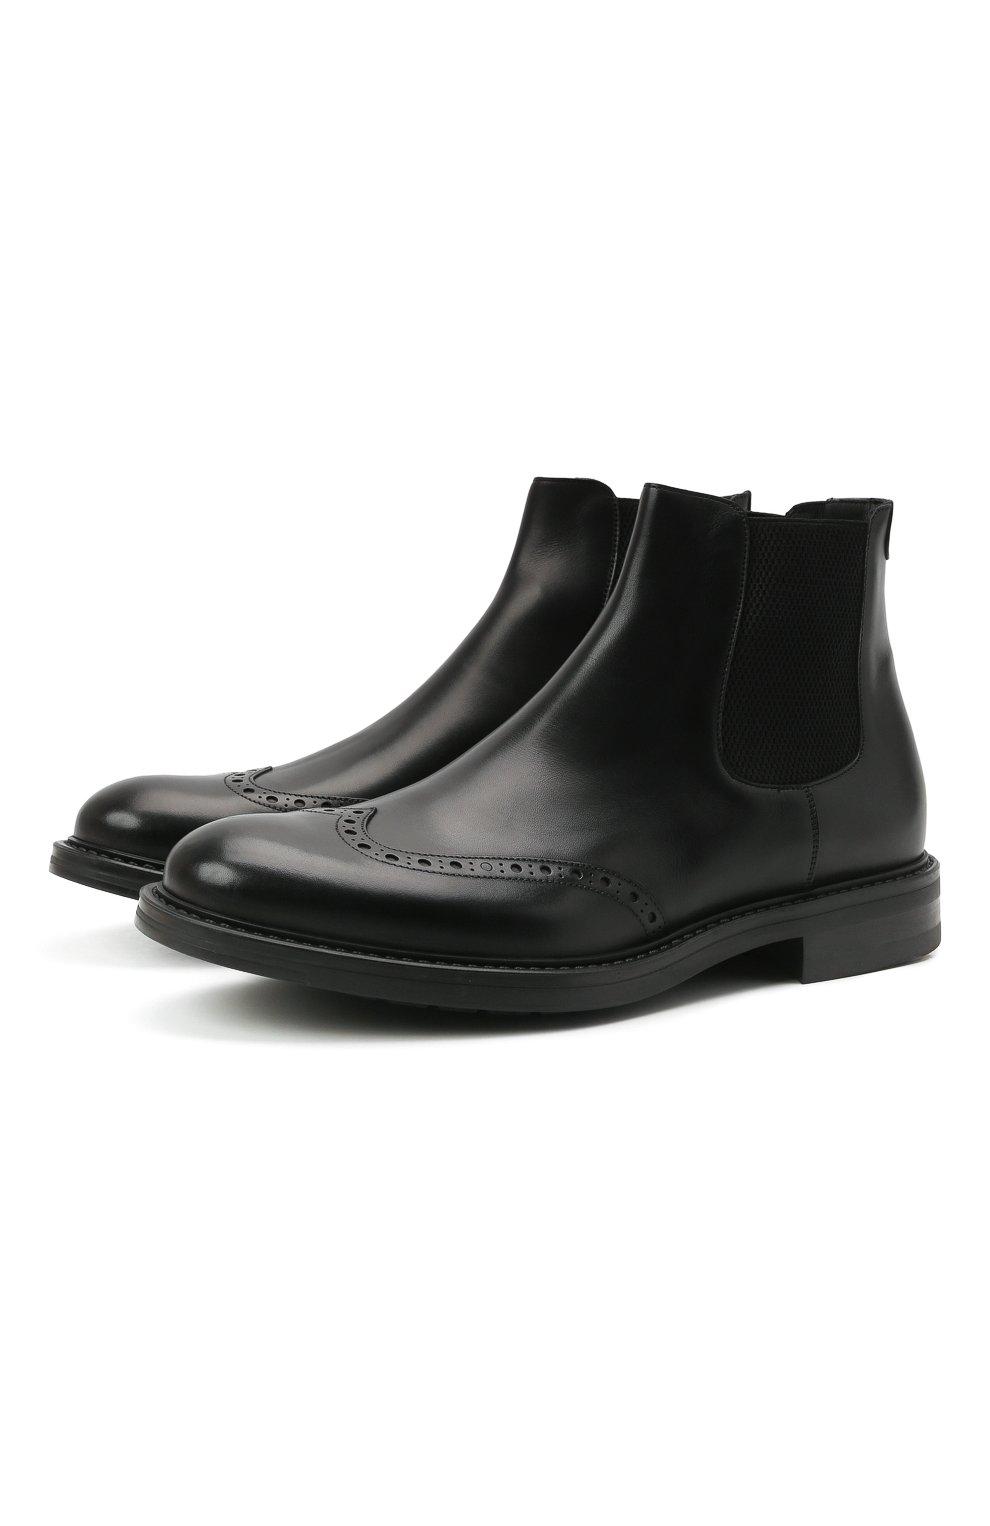 Мужские кожаные челси W.GIBBS черного цвета, арт. 3169016/0214 | Фото 1 (Материал внутренний: Натуральная кожа; Подошва: Плоская; Мужское Кросс-КТ: Сапоги-обувь, Челси-обувь)